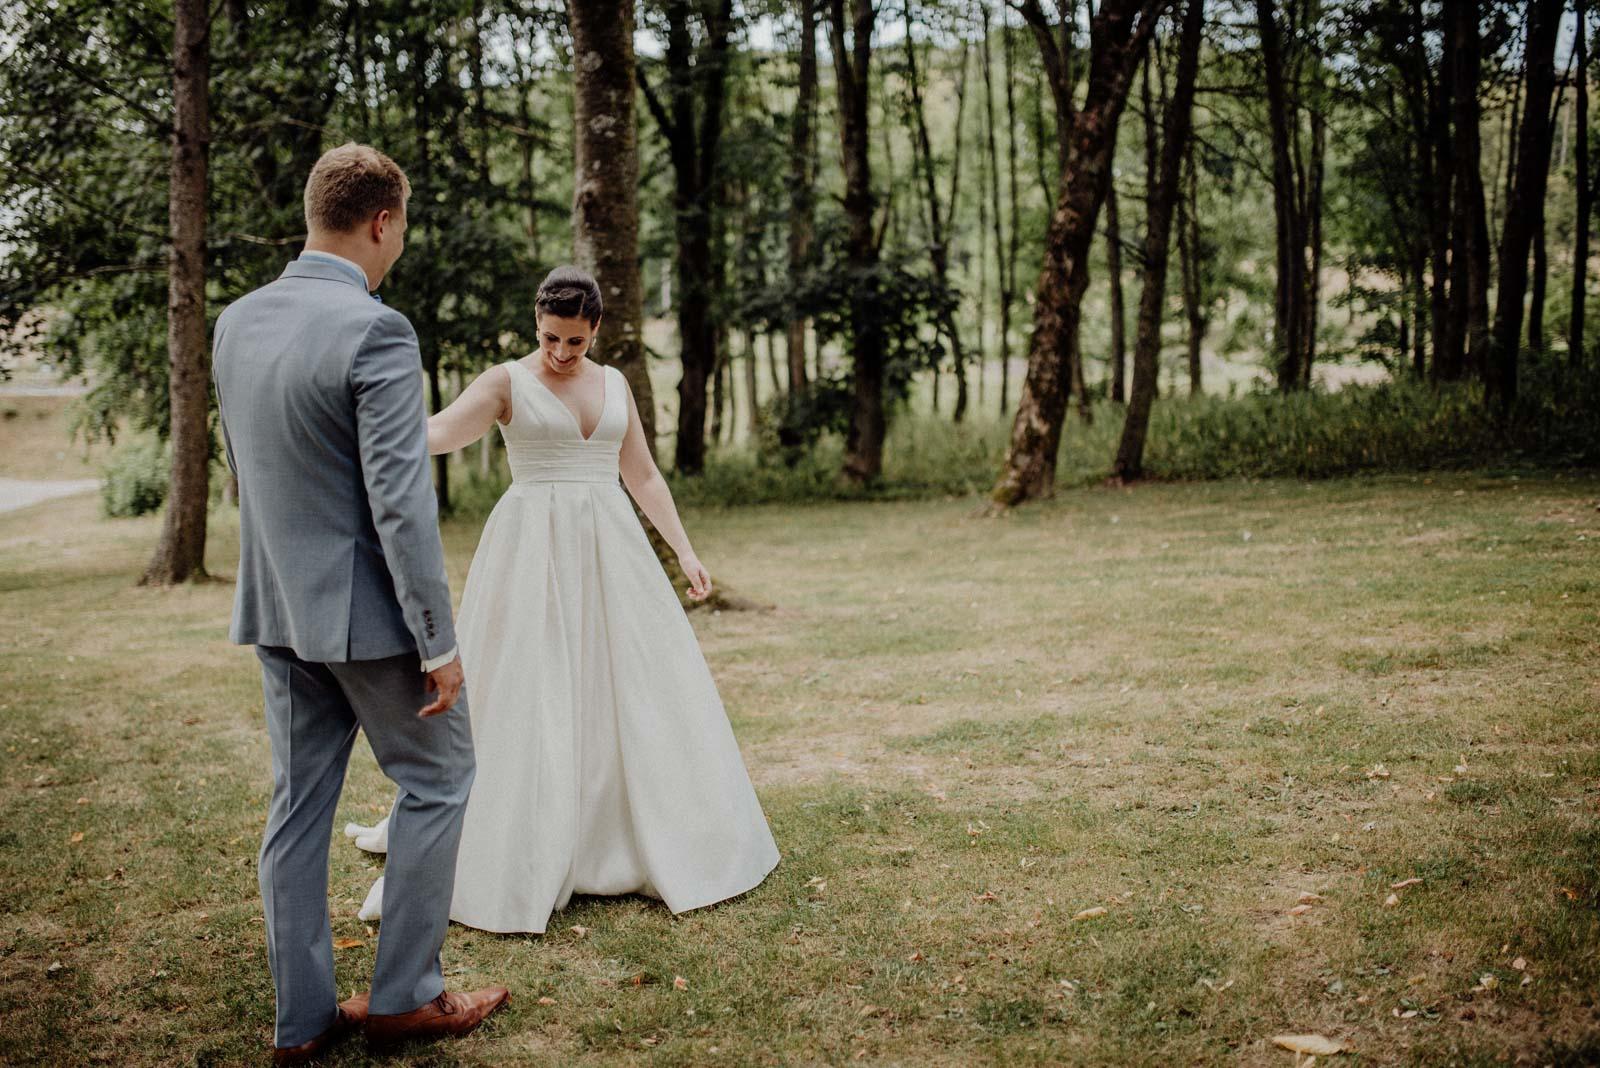 Brautpaar bewundert einander beim First Look